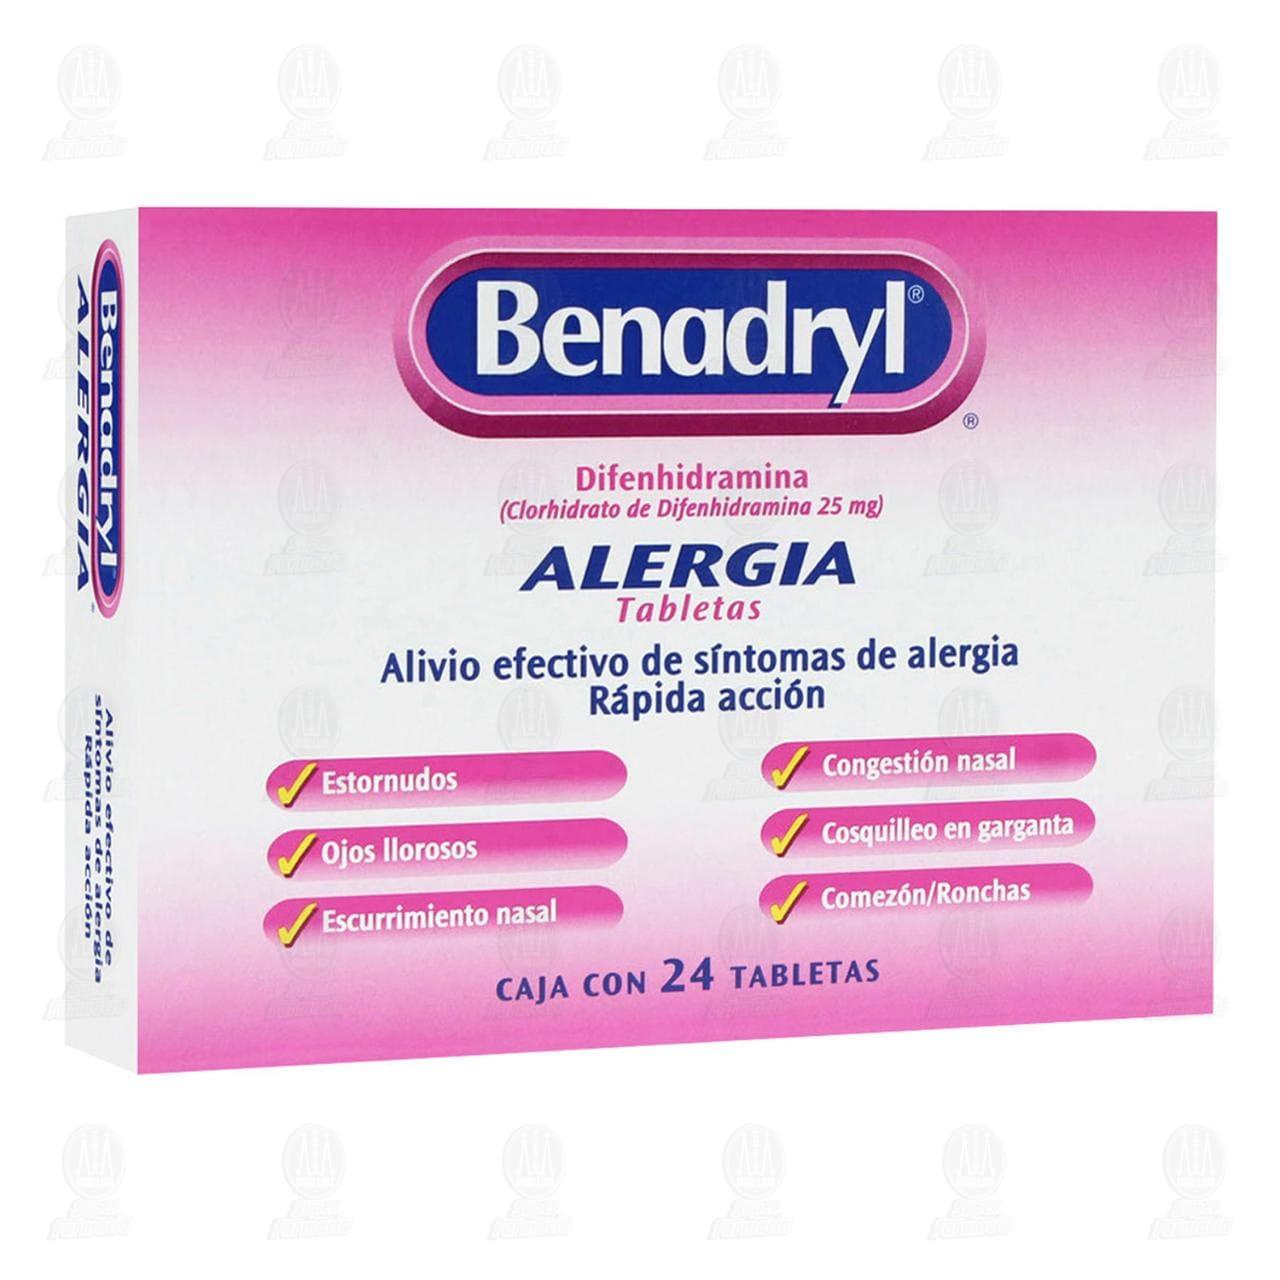 Comprar Benadryl 25mg 24 Tabletas en Farmacias Guadalajara